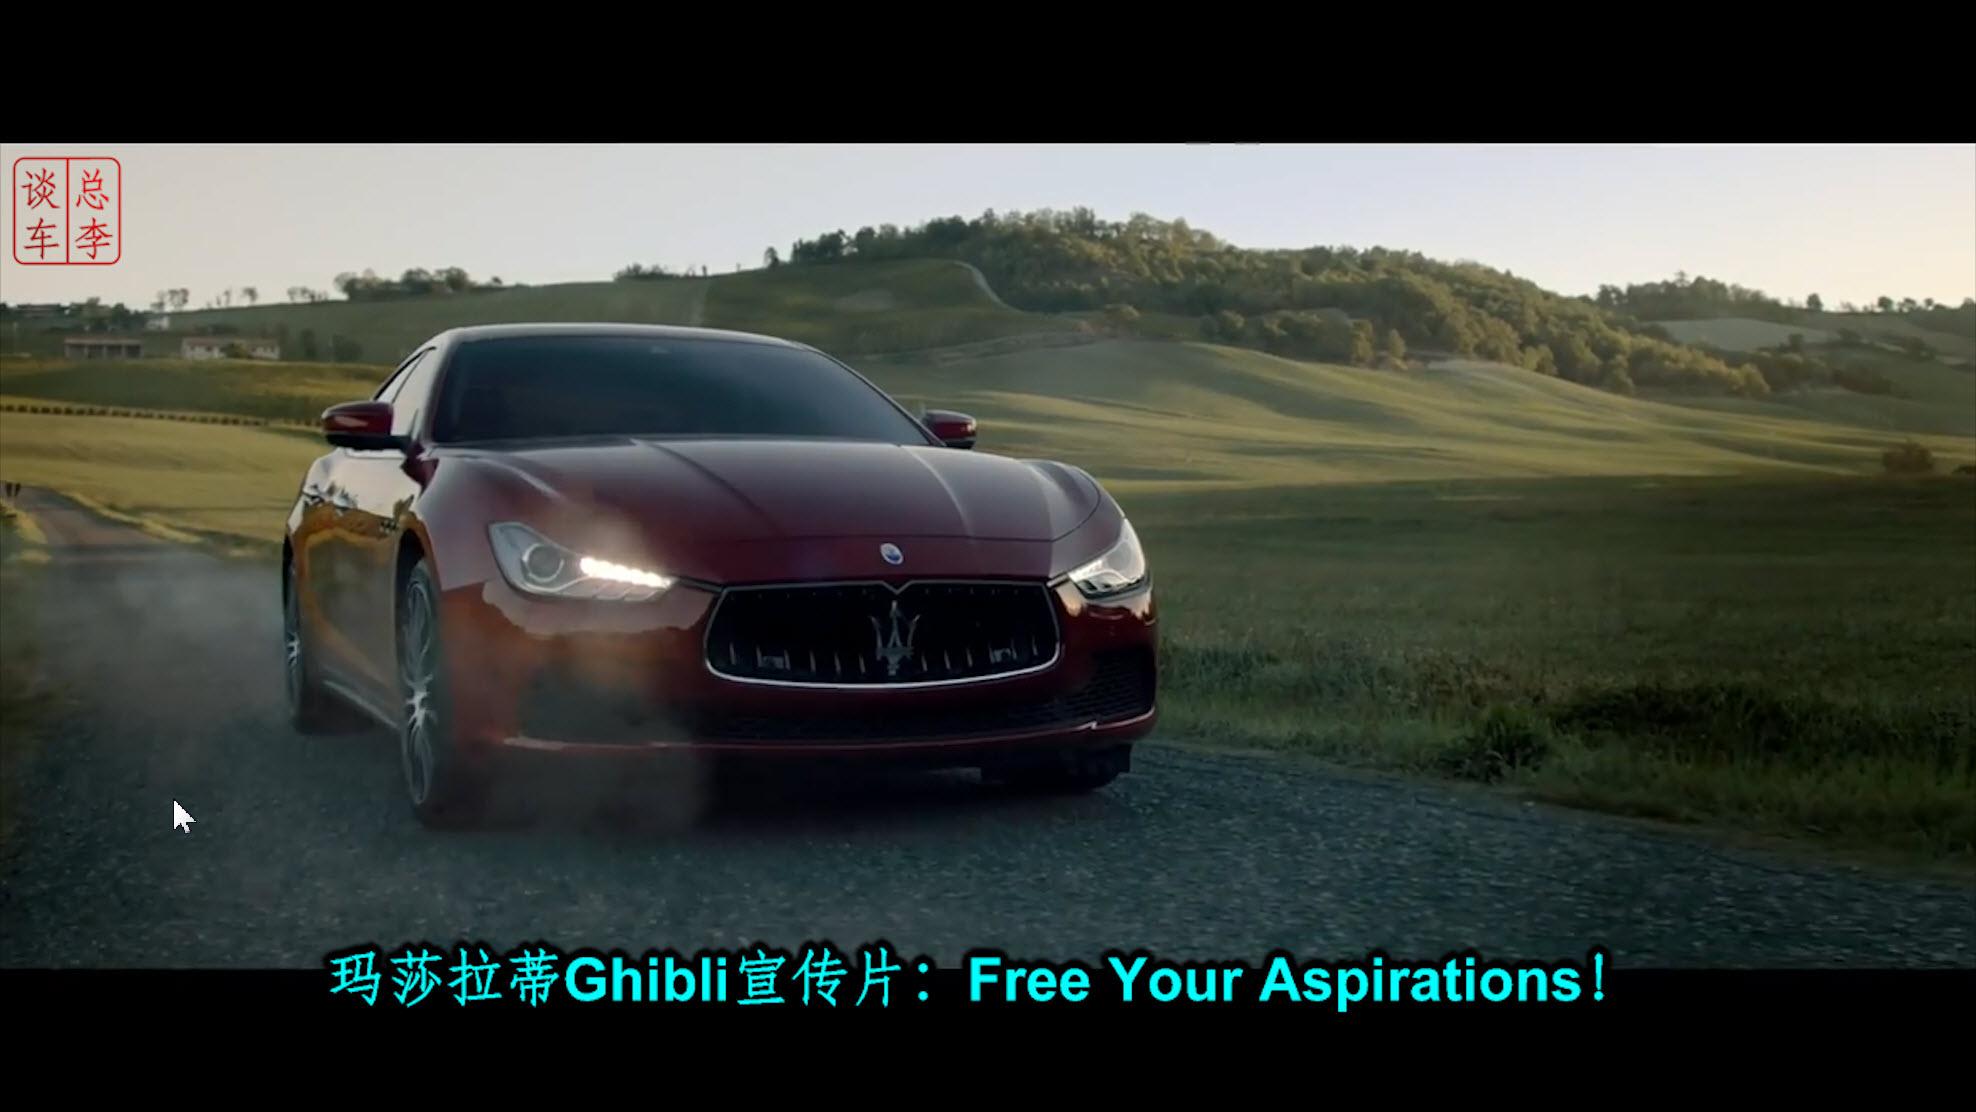 玛莎拉蒂Ghibli宣传片:Free Your Aspira